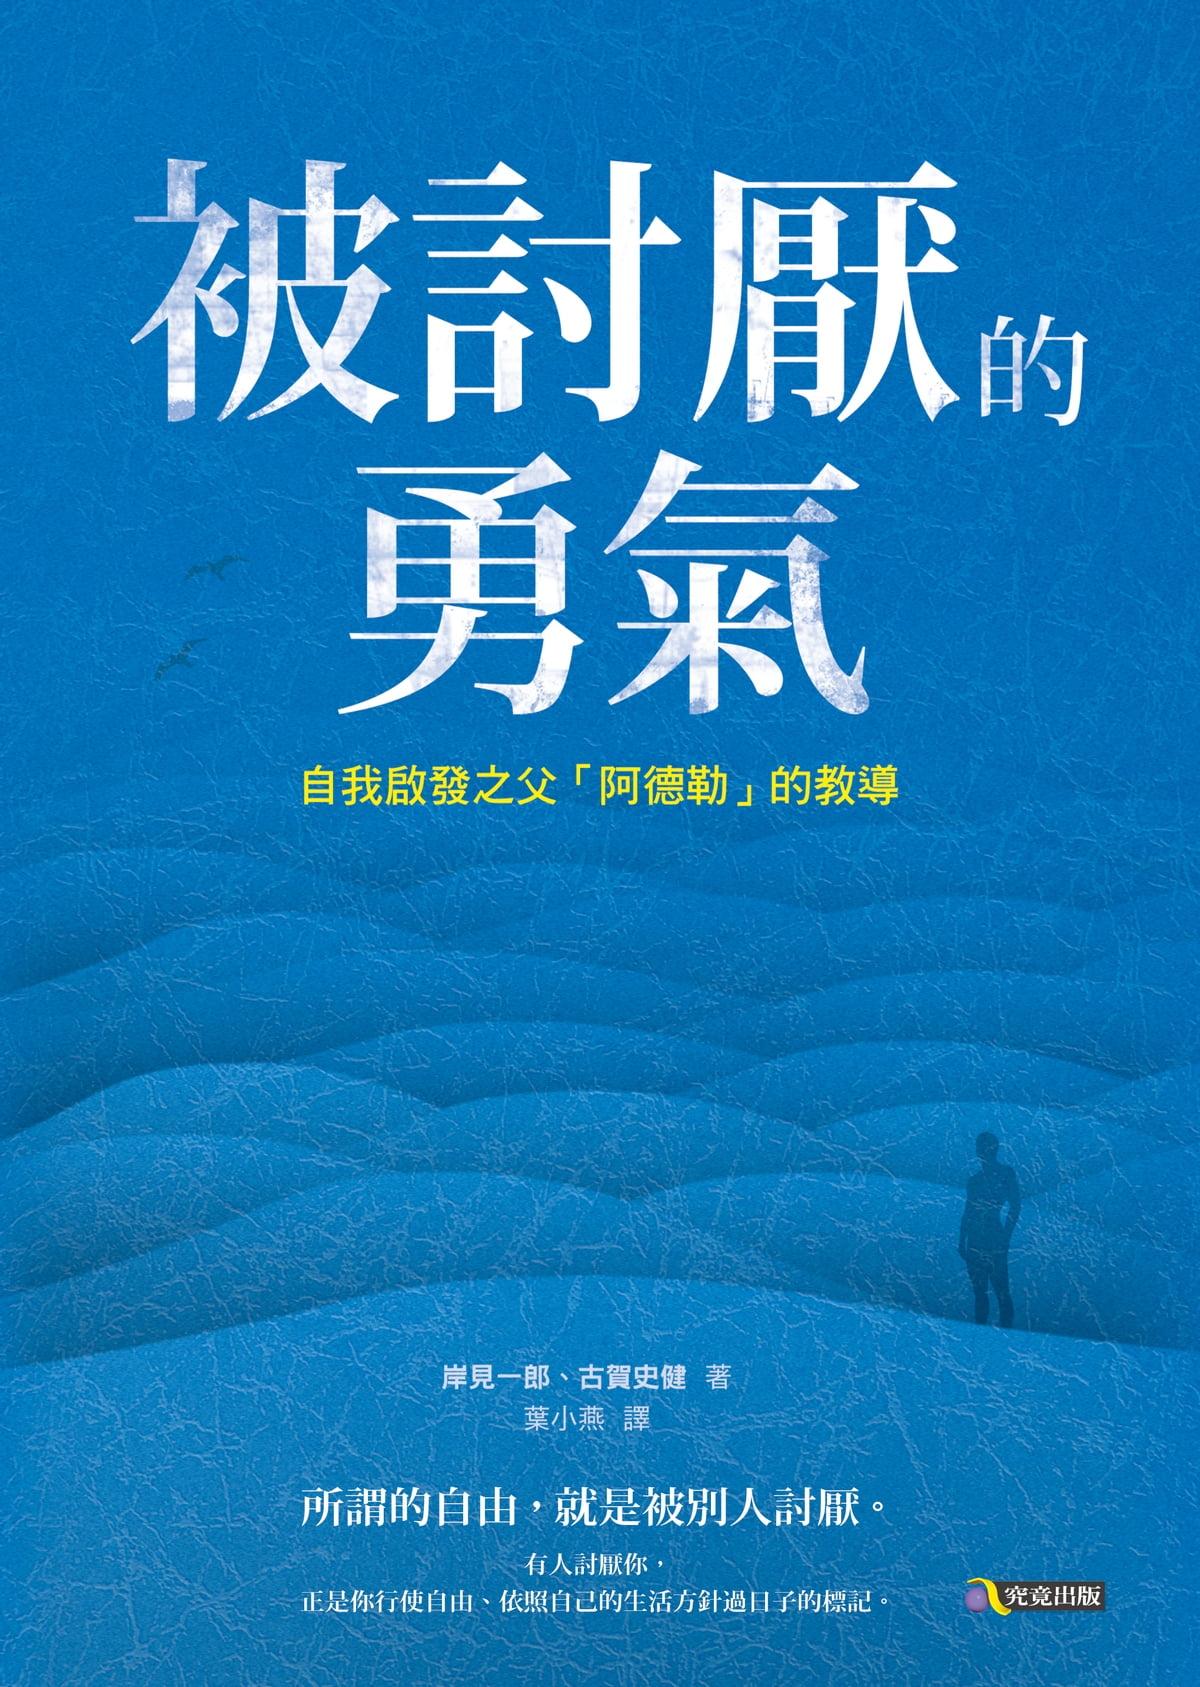 被討厭的勇氣:自我啟發之父「阿德勒」的教導 電子書,分類依據 岸見一郎 - 3219861371955   Rakuten Kobo